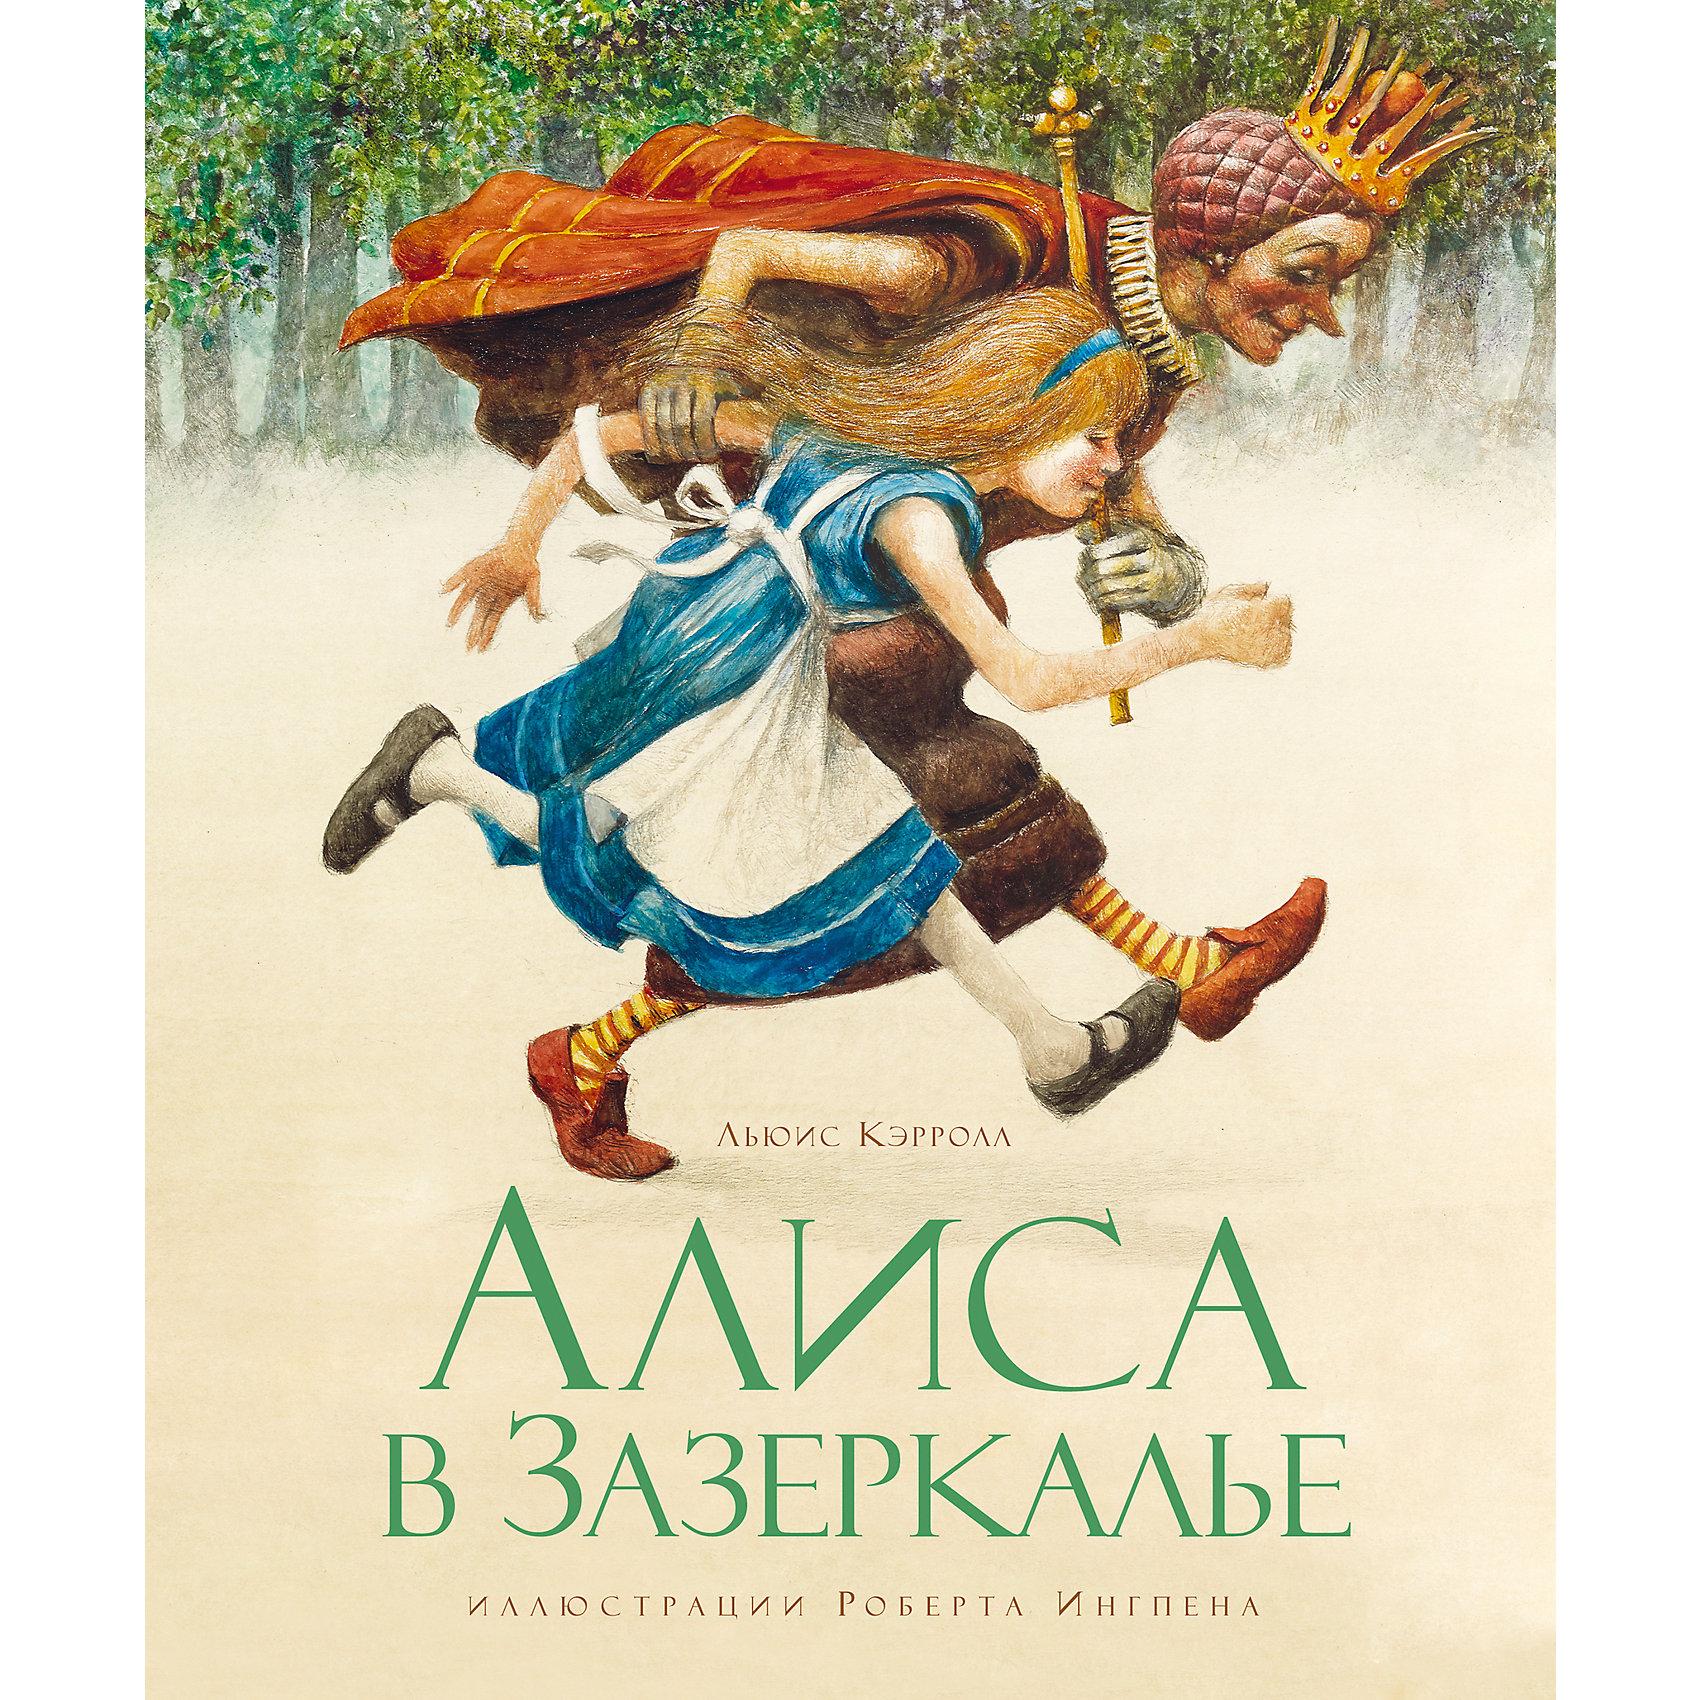 Алиса в Зазеркалье, Л. Кэрролл (ил. Р. Ингпен)Кэррол Л.<br>Знаменитая книга английского писателя Льюиса Кэрролла обрела в этом издании новую жизнь благодаря великолепным иллюстрациям австралийского художника Роберта Ингпена. Он получил всемирную известность как автор и иллюстратор более сотни различных книг. В 1986 году Р. Ингпен был удостоен Международной премии имени Х. К. Андерсена за вклад в детскую литературу. В последнее время Р. Ингпен проиллюстрировал такие произведения классической литературы, как «Остров Сокровищ», «Книга джунглей», «Алиса в Стране чудес», «Приключения Тома Сойера», «Питер Пэн и Венди», «Рождественская ёлка», «Вокруг света в восемьдесят дней», «Удивительный волшебник из страны Оз», «Таинственный сад», «Ветер в ивах», «Приключения Пиноккио», «Сказки» Киплинга. Издательство «Махаон» представляет вам эти замечательные книги.<br><br>Ширина мм: 235<br>Глубина мм: 195<br>Высота мм: 16<br>Вес г: 614<br>Возраст от месяцев: 132<br>Возраст до месяцев: 168<br>Пол: Унисекс<br>Возраст: Детский<br>SKU: 4818086